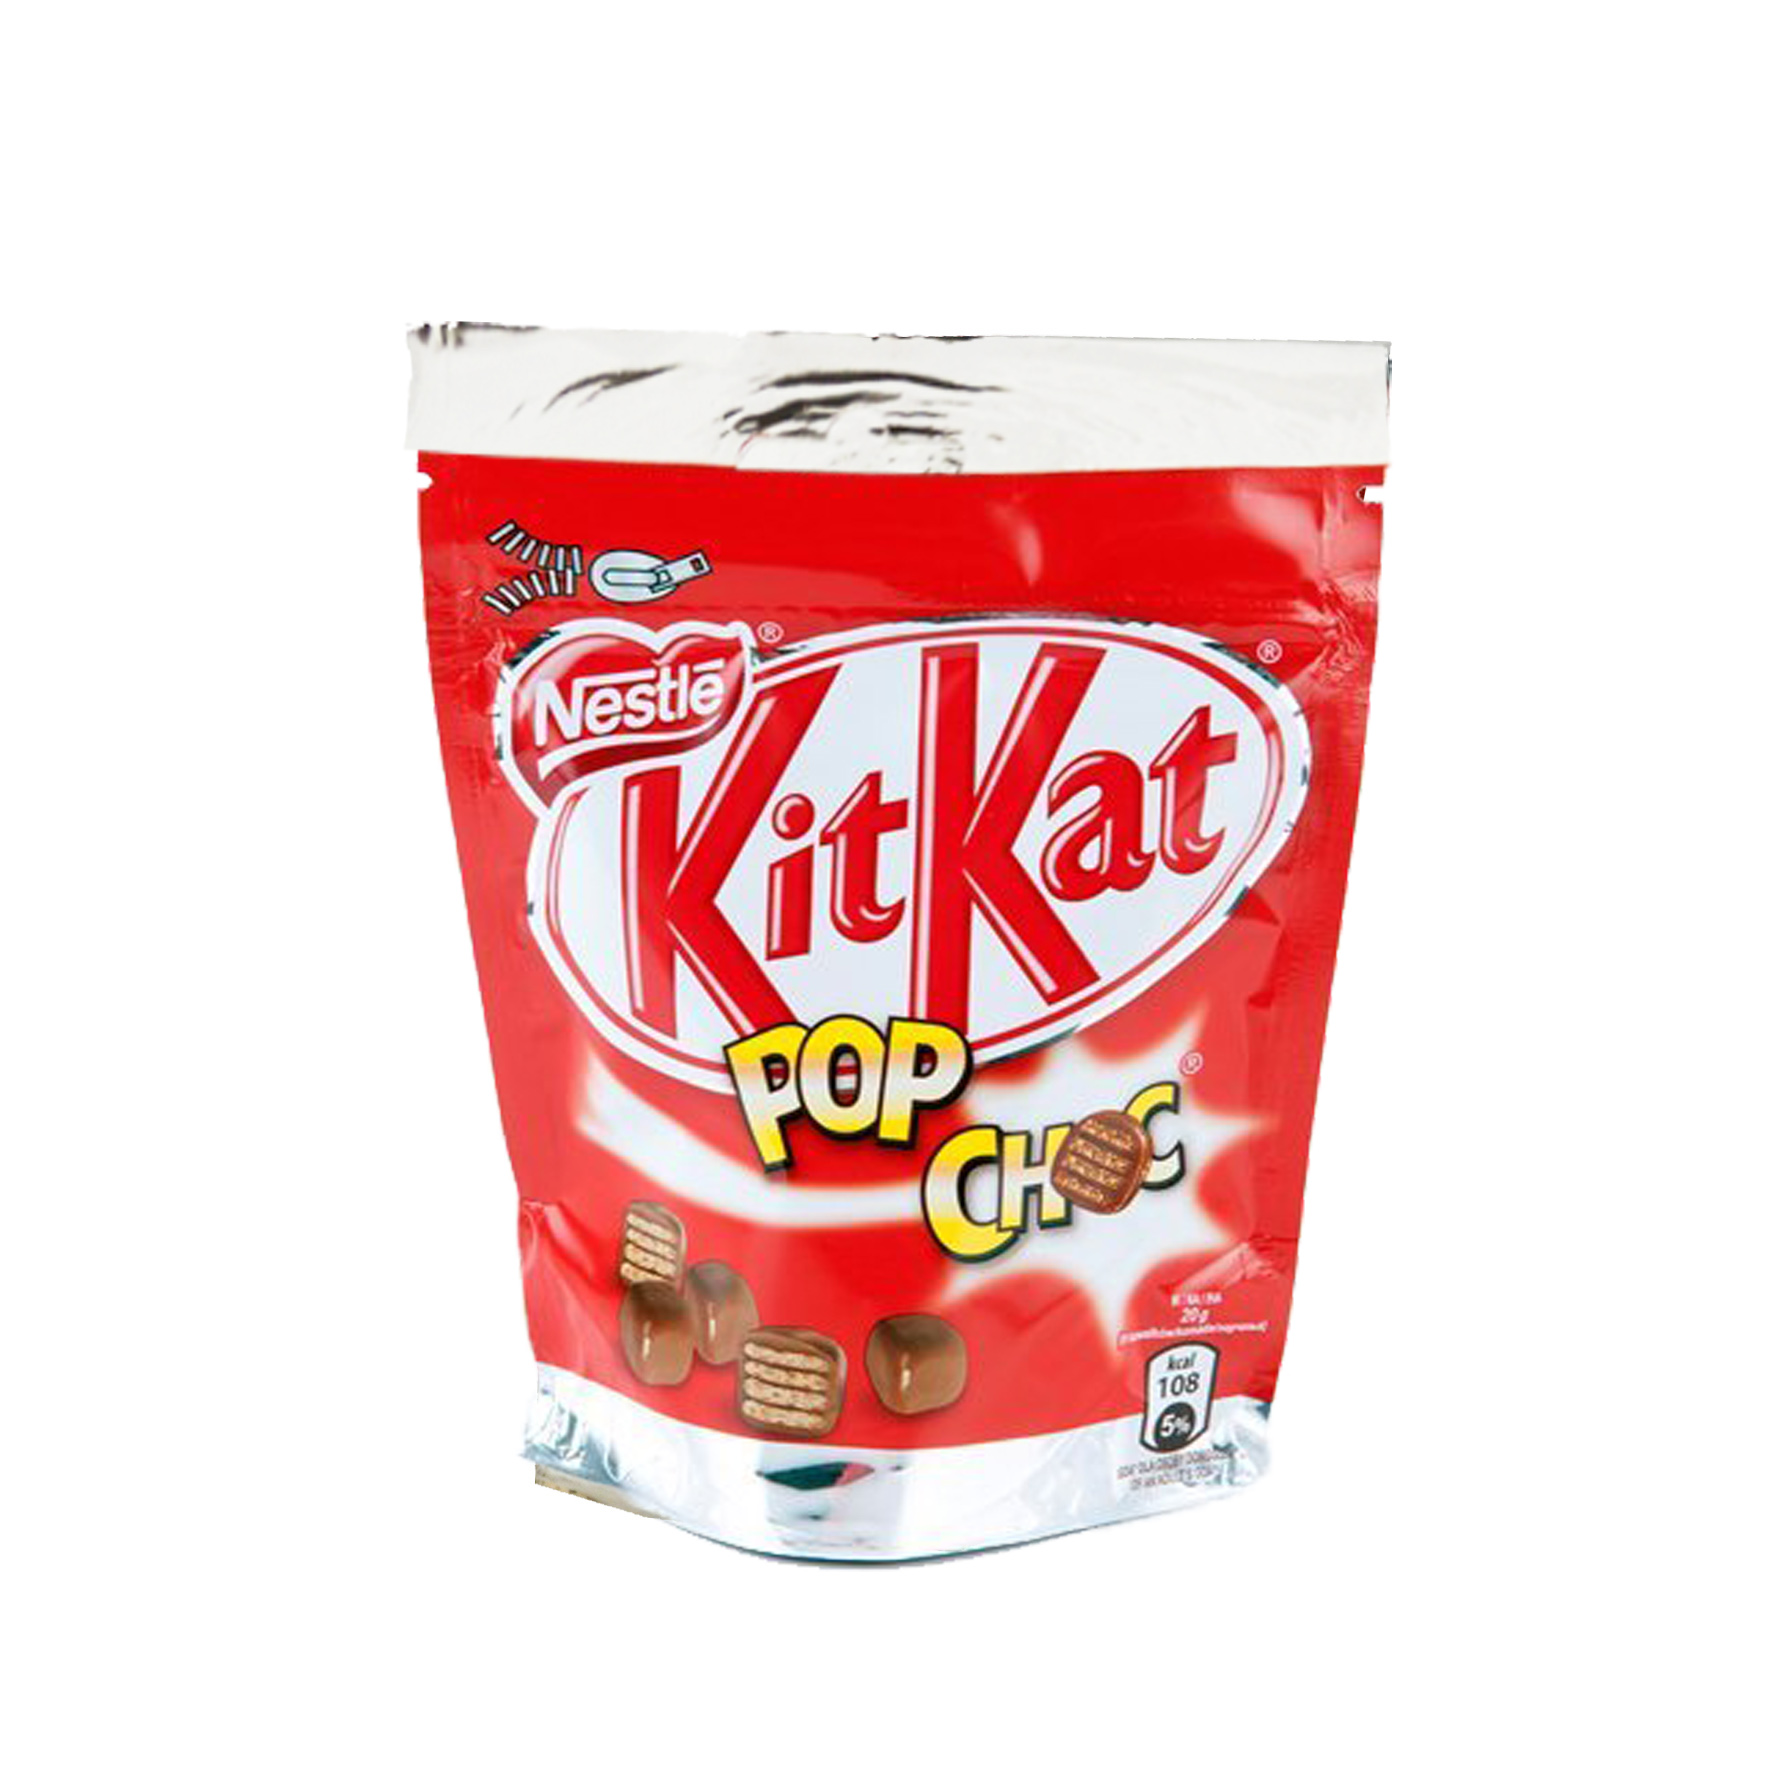 Nestle Kitkat Pop Choc kruche wafelki w mlecznej czekoladzie 140 g Image